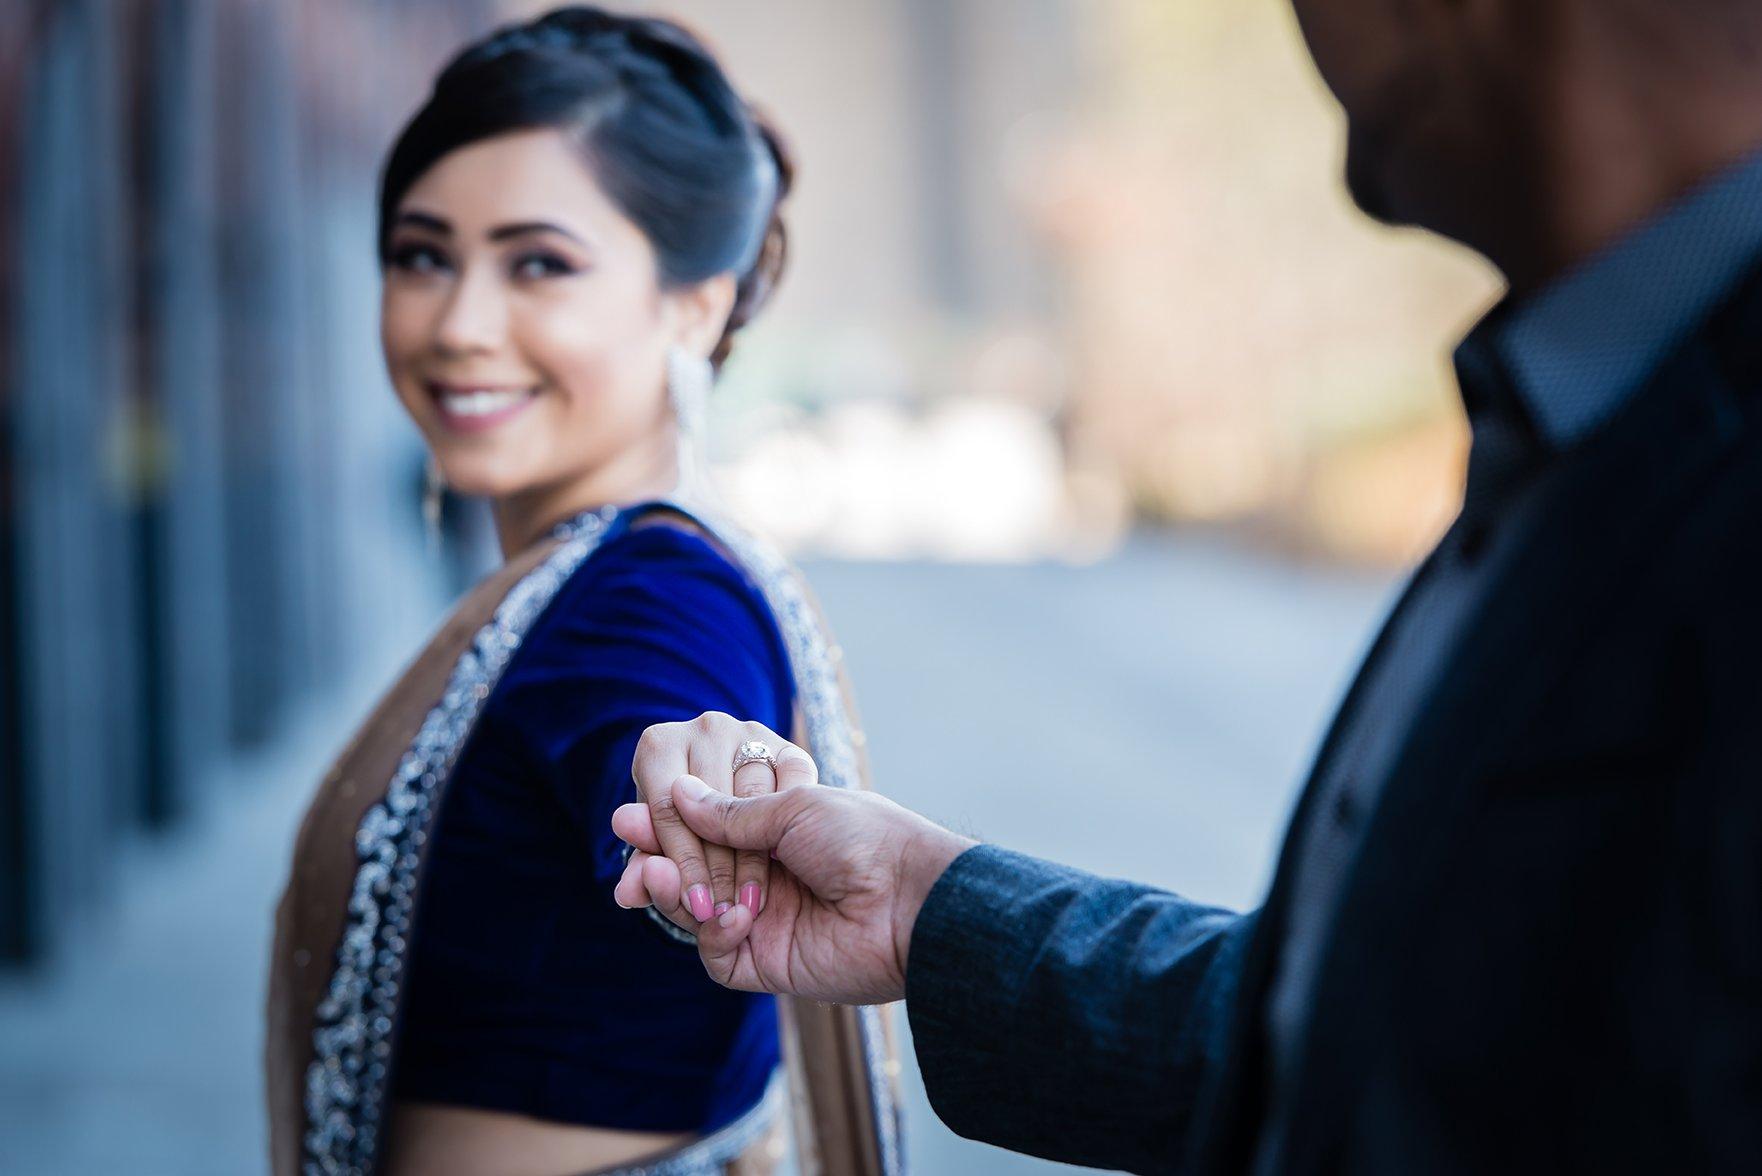 Pre-Wedding-Photo-Shoot-DUMBO ENGAGEMENTS